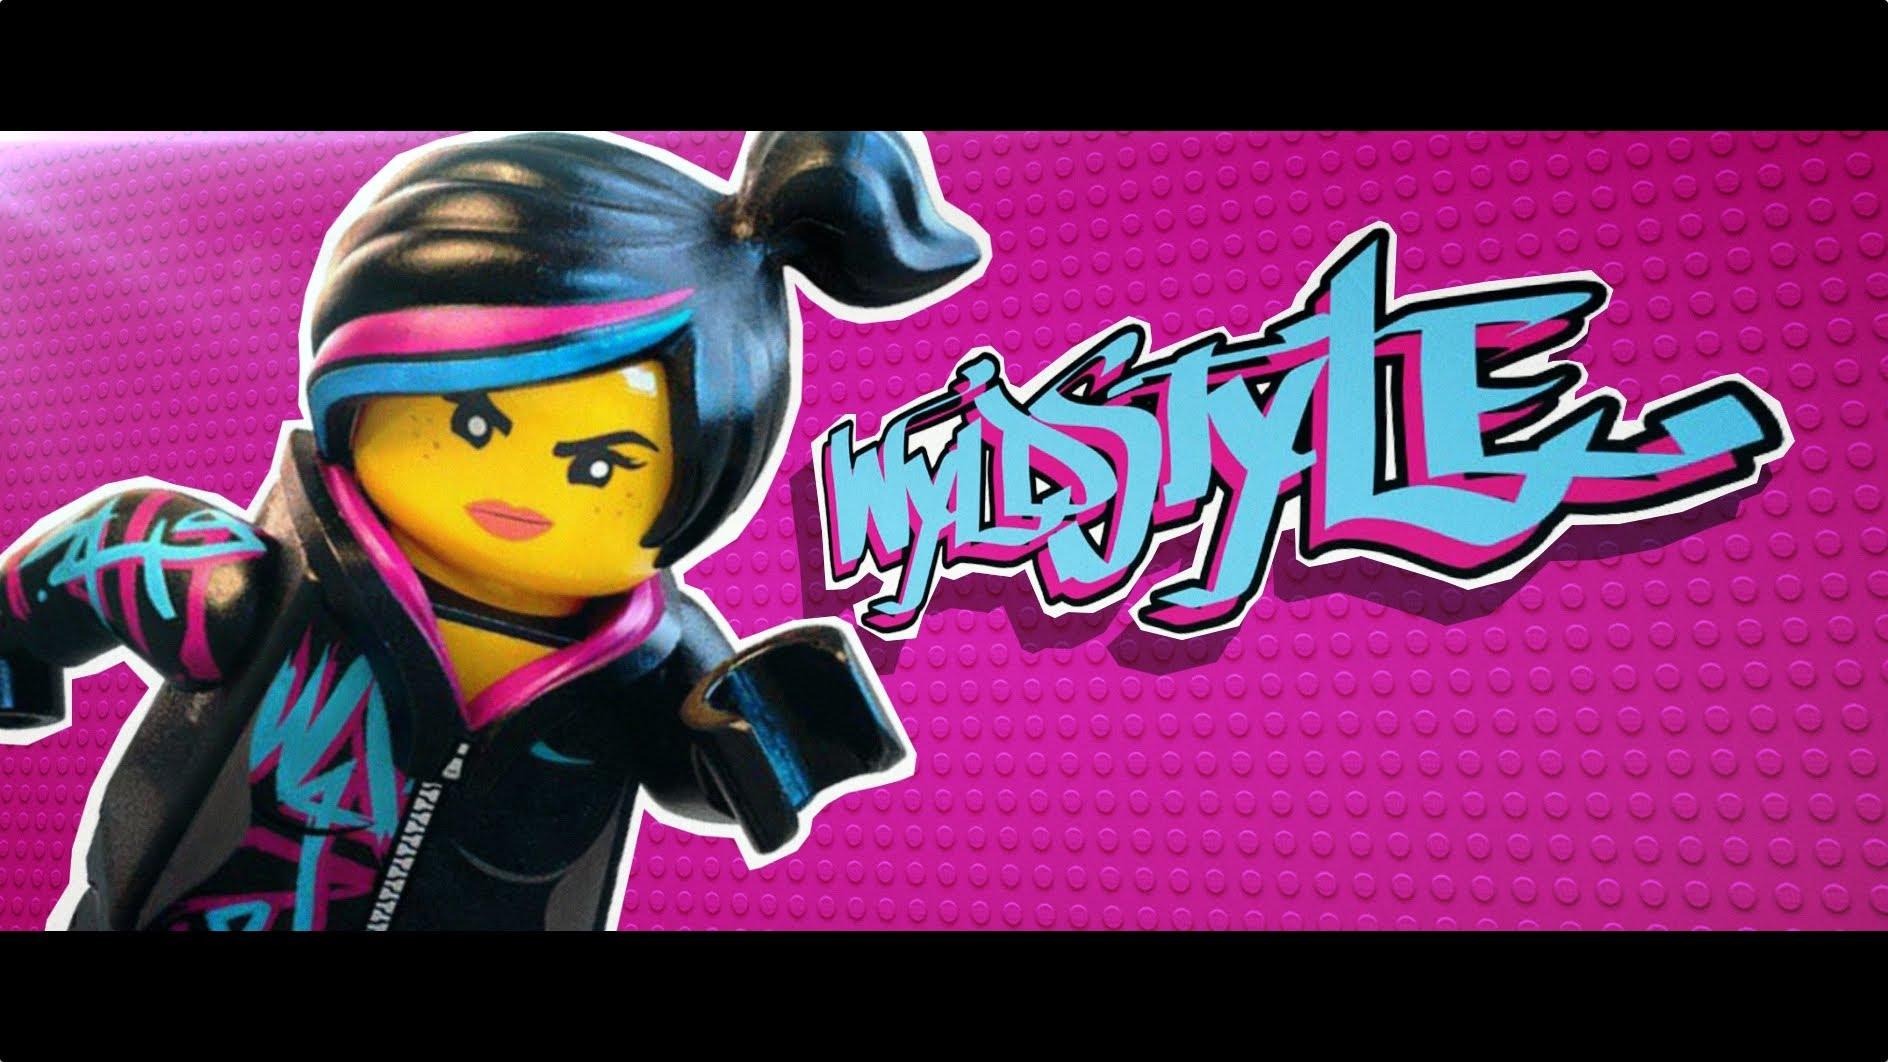 La Lego-película, a los Oscar 2015 - Blog de juguetes y ... Joe Freeman